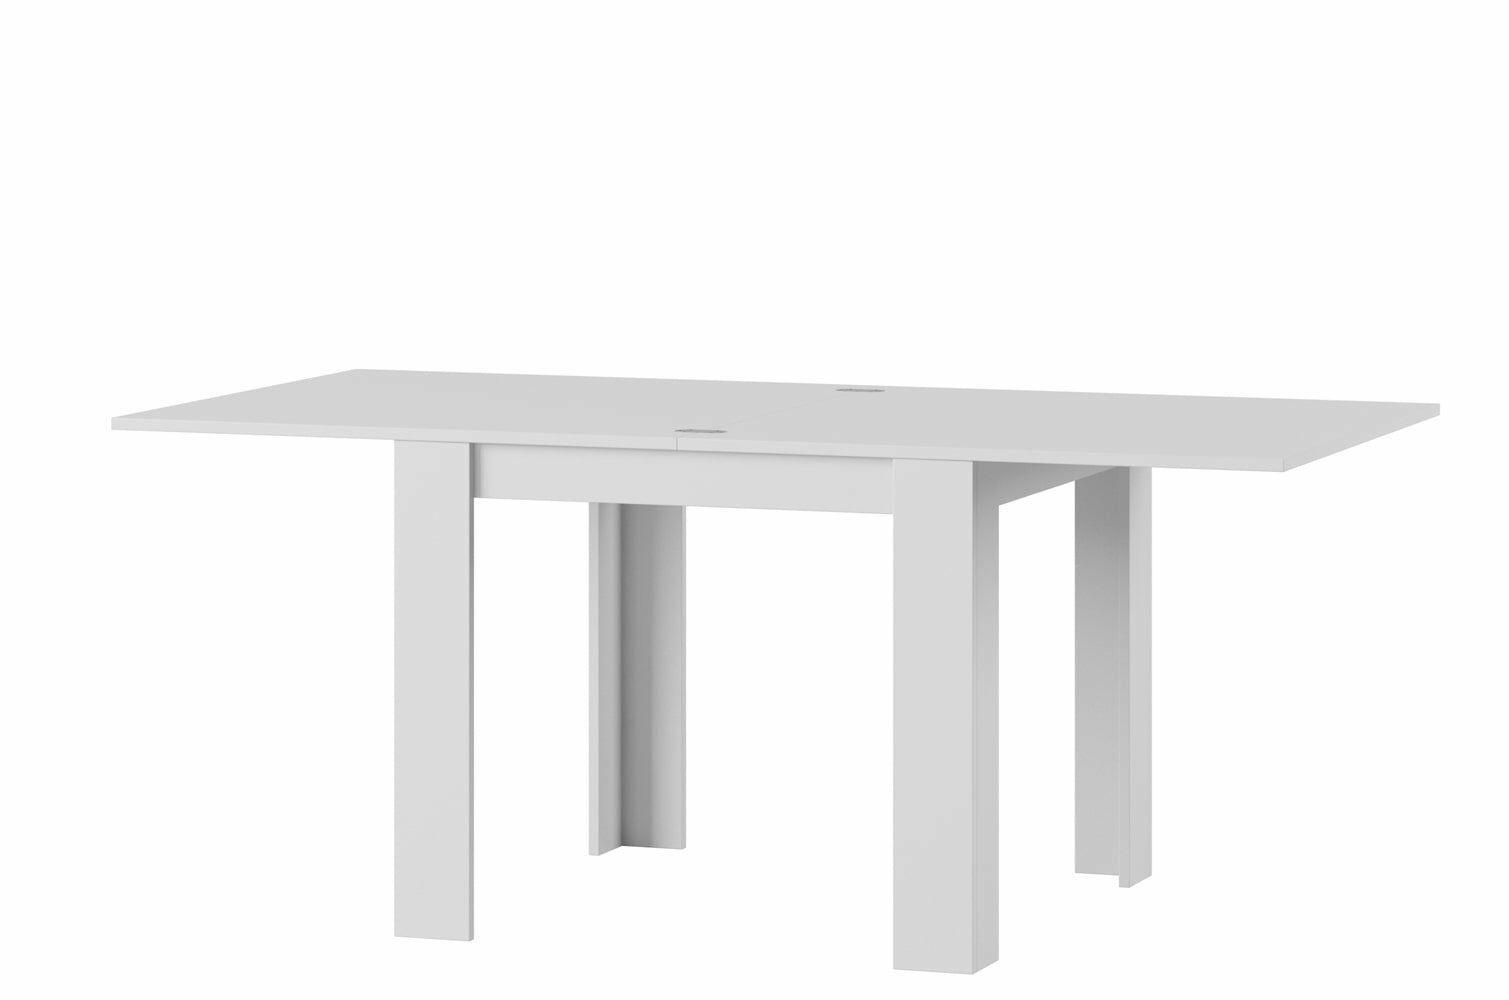 Full Size of Esstisch Quadratisch Tisch Kchentisch Esszimmertisch Wohnzimmer Mit 4 Stühlen Günstig Ausziehbar Ovaler Kleiner Weiß Industrial Rund Rustikal Holz Stühle Esstische Esstisch Quadratisch